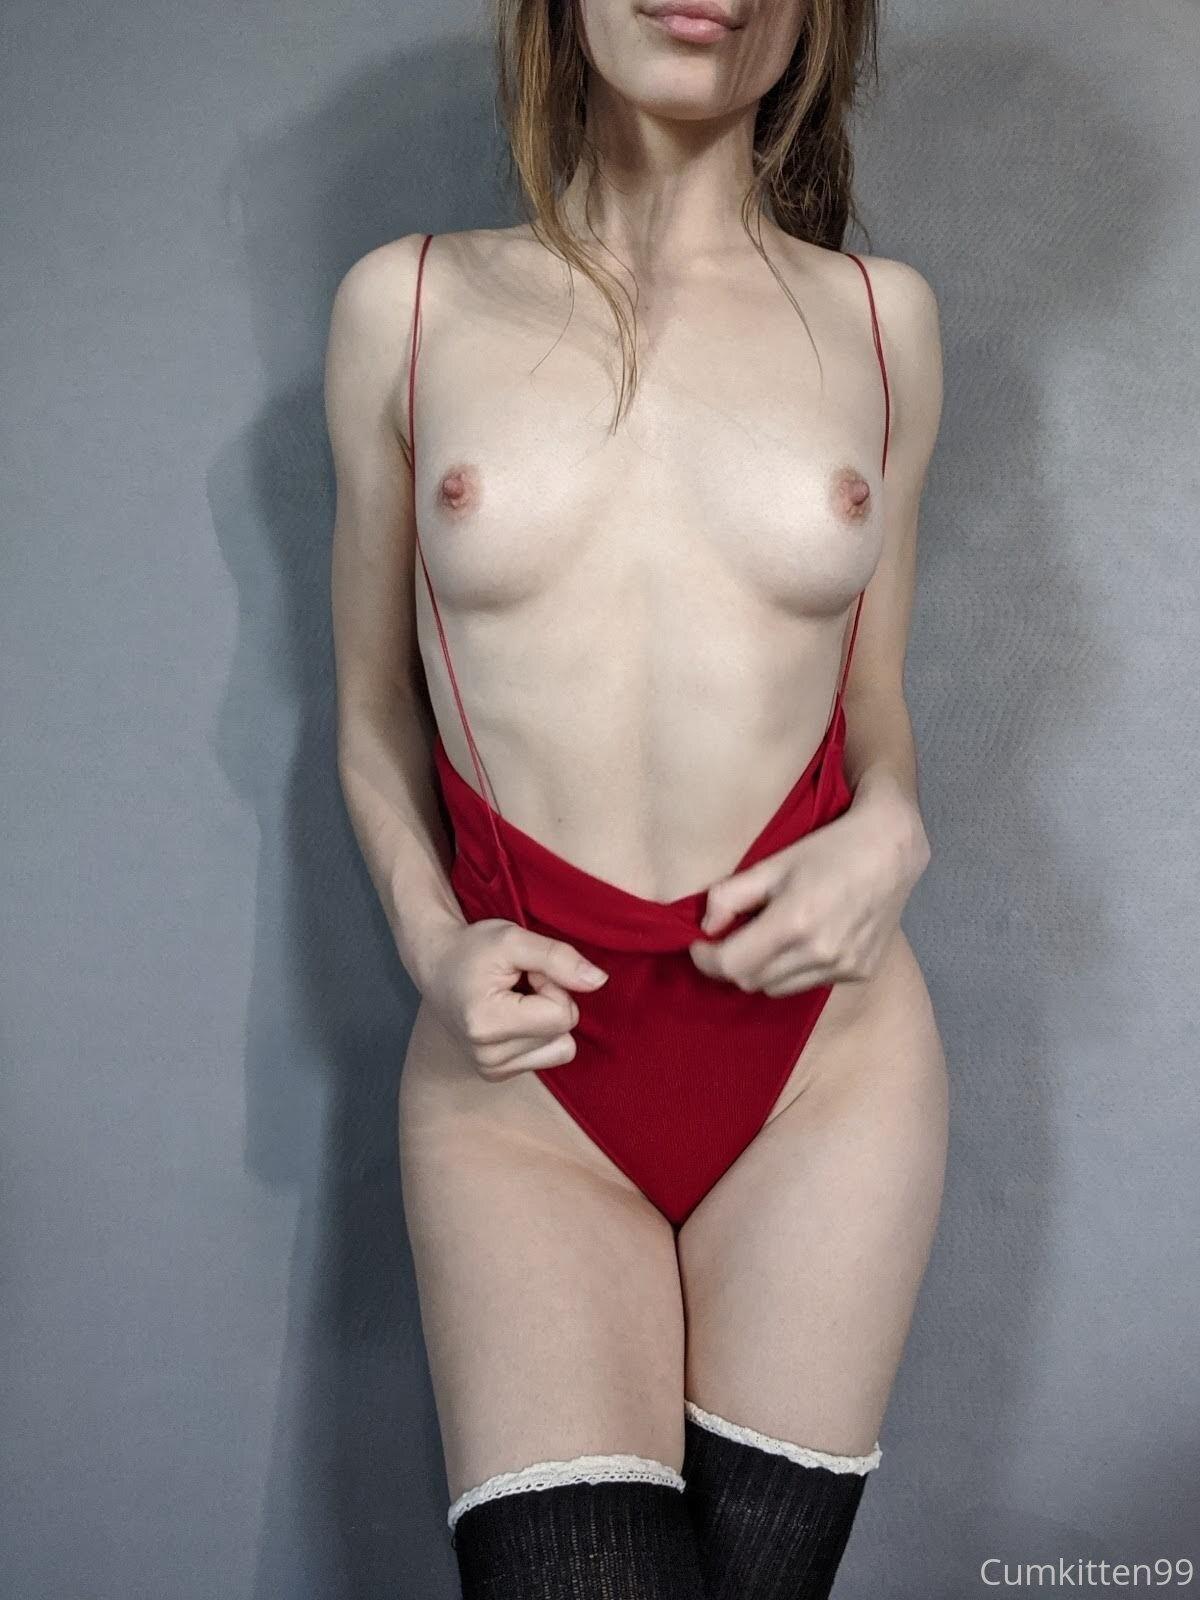 Cumkitten99, Onlyfans Nudes Leaks 20